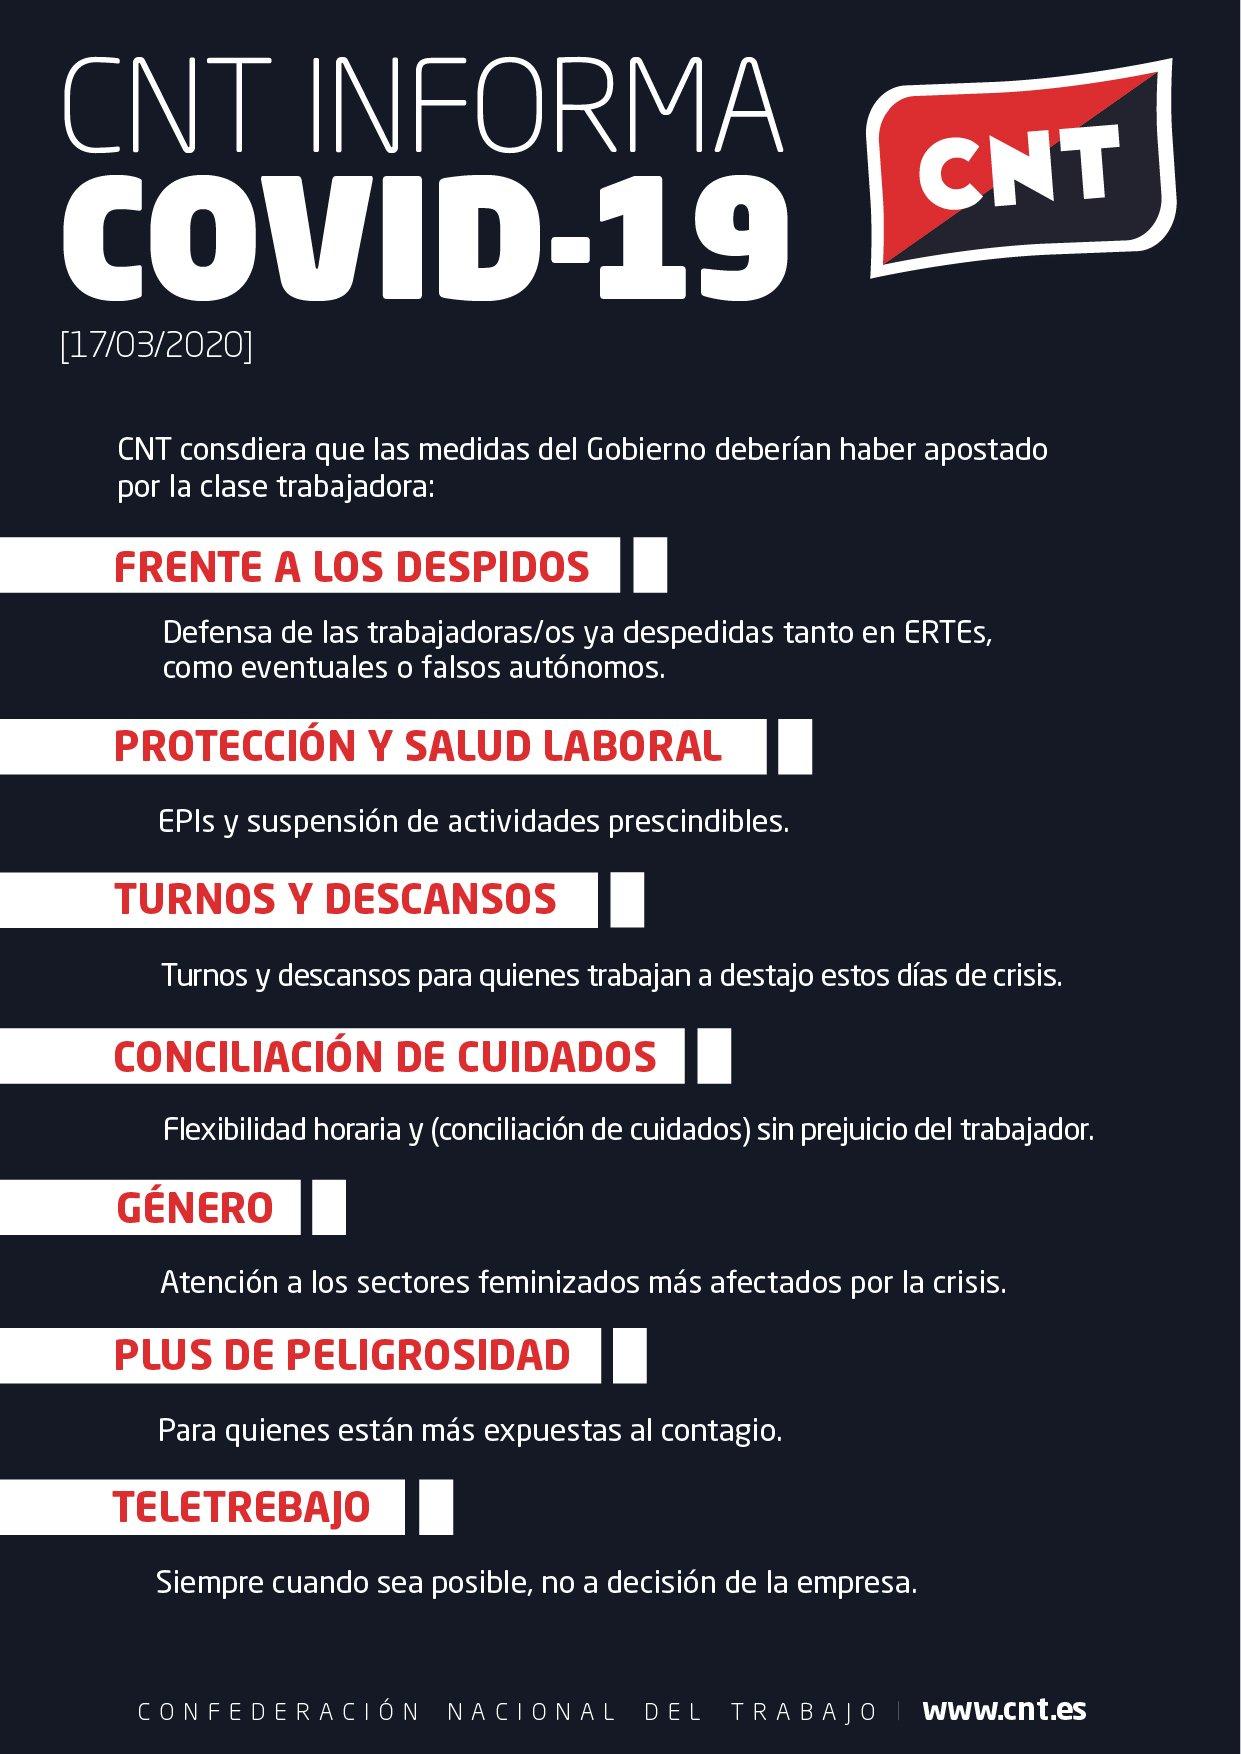 CNT Informa COVID-19